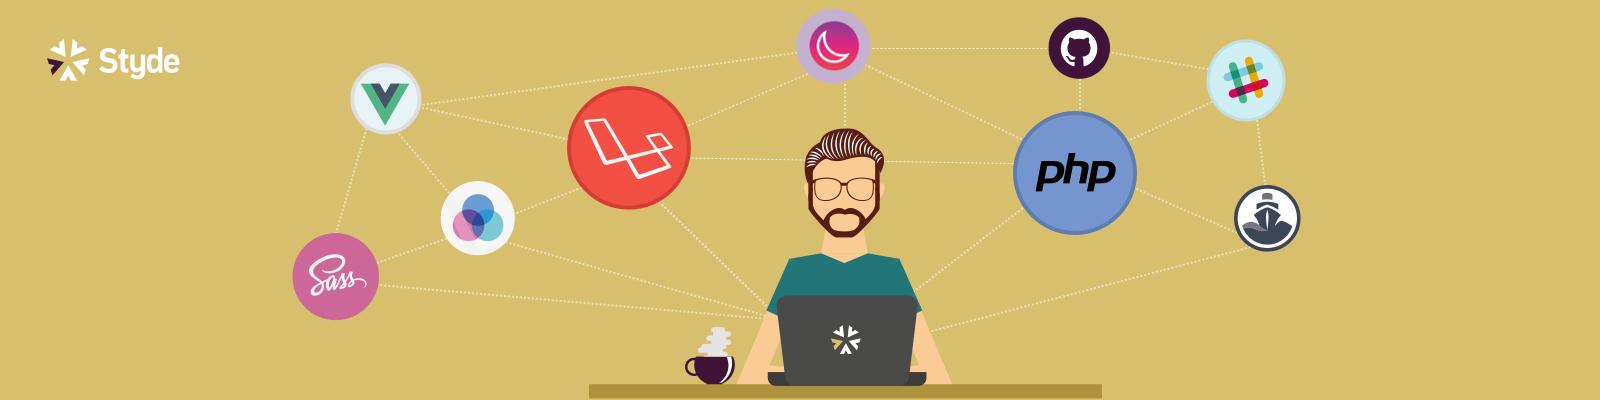 Banner del curso Crea una aplicación con Laravel